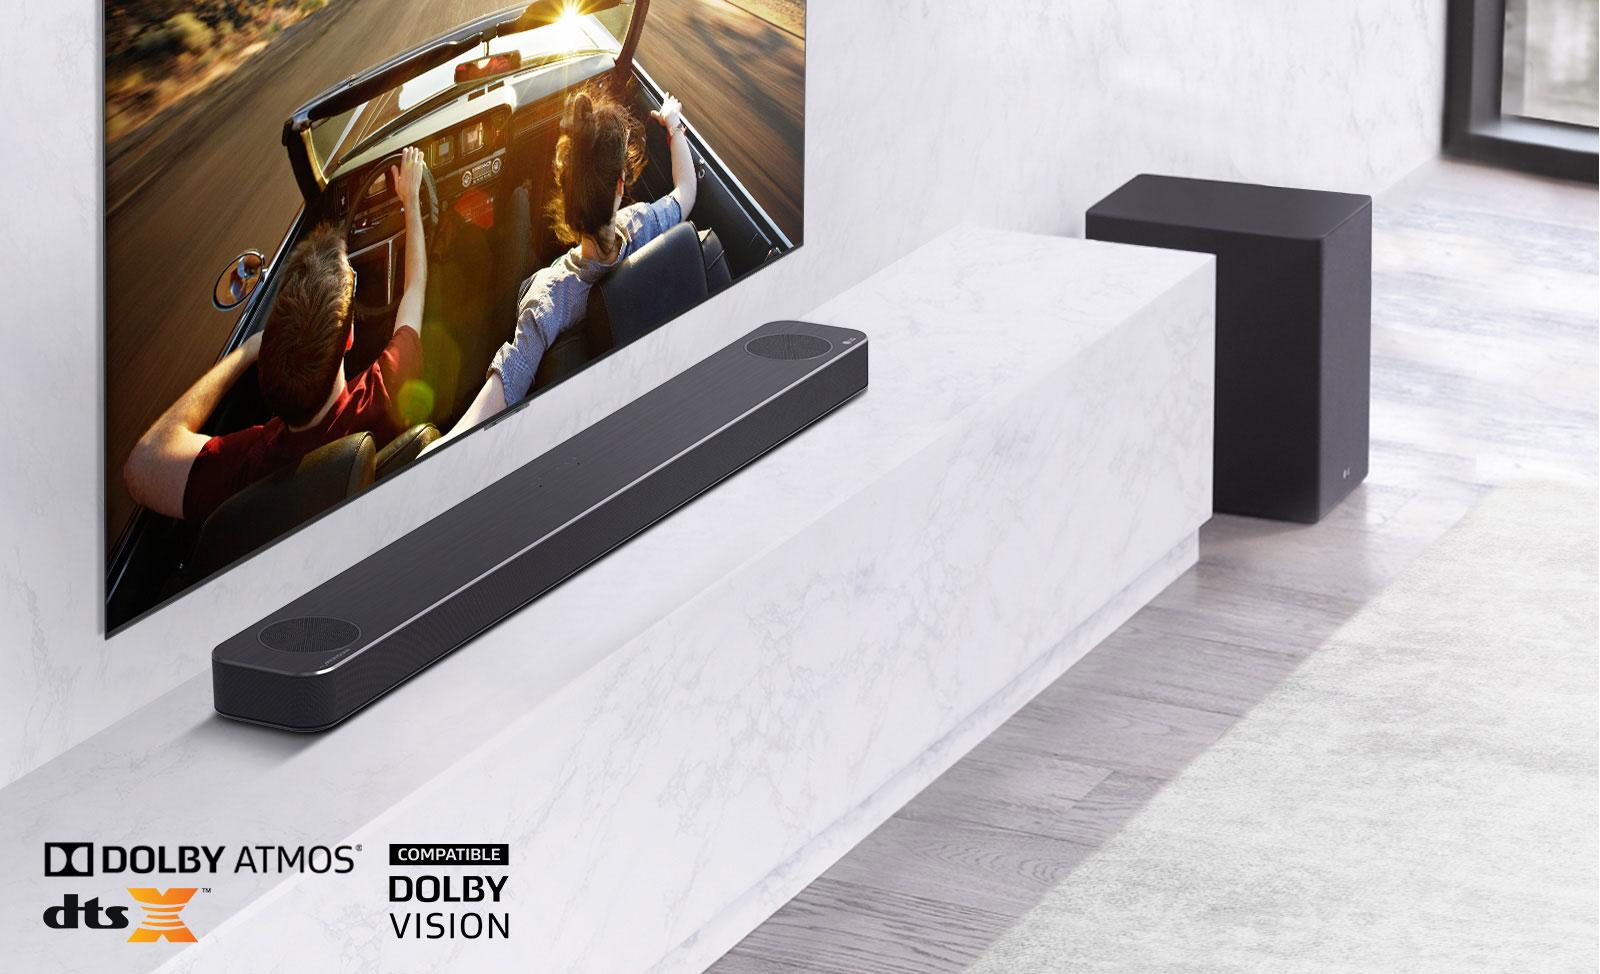 TV ở trên tường, loa thanh LG phía dưới, đặt trên kệ đá cẩm thạch trắng, có loa trầm ở bên phải. TV hiển thị một đôi nam nữ trong xe hơi.